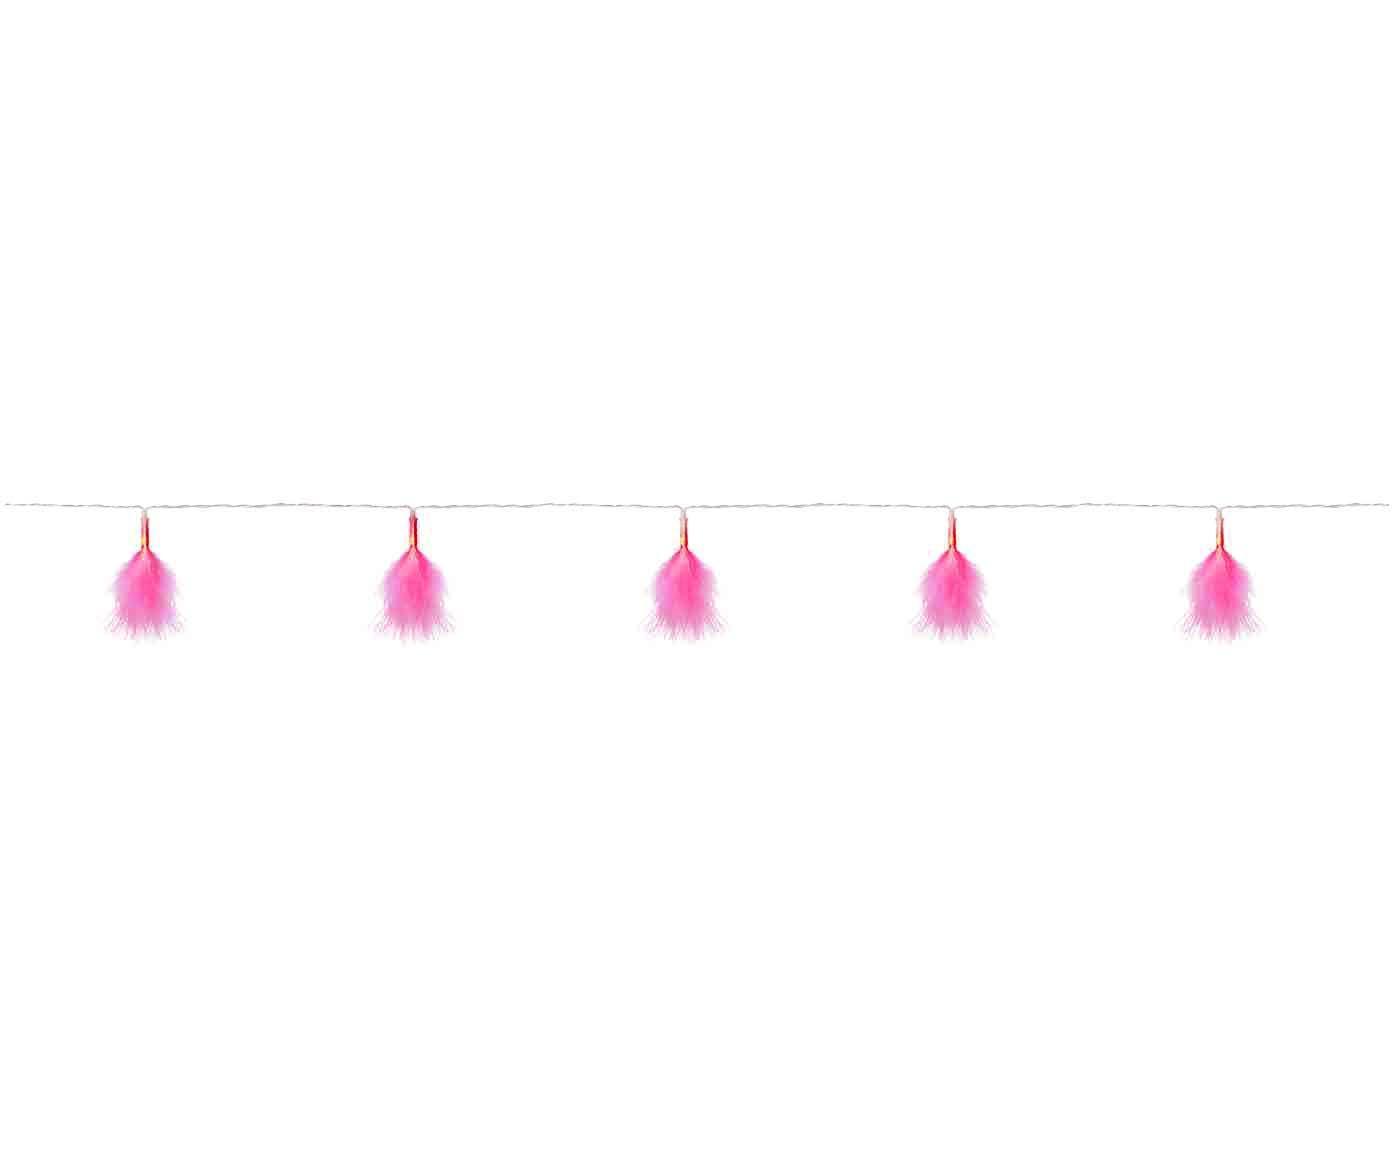 LED lichtslinger Dun, Kunststof, polyester, Roze, transparant, L 270 cm